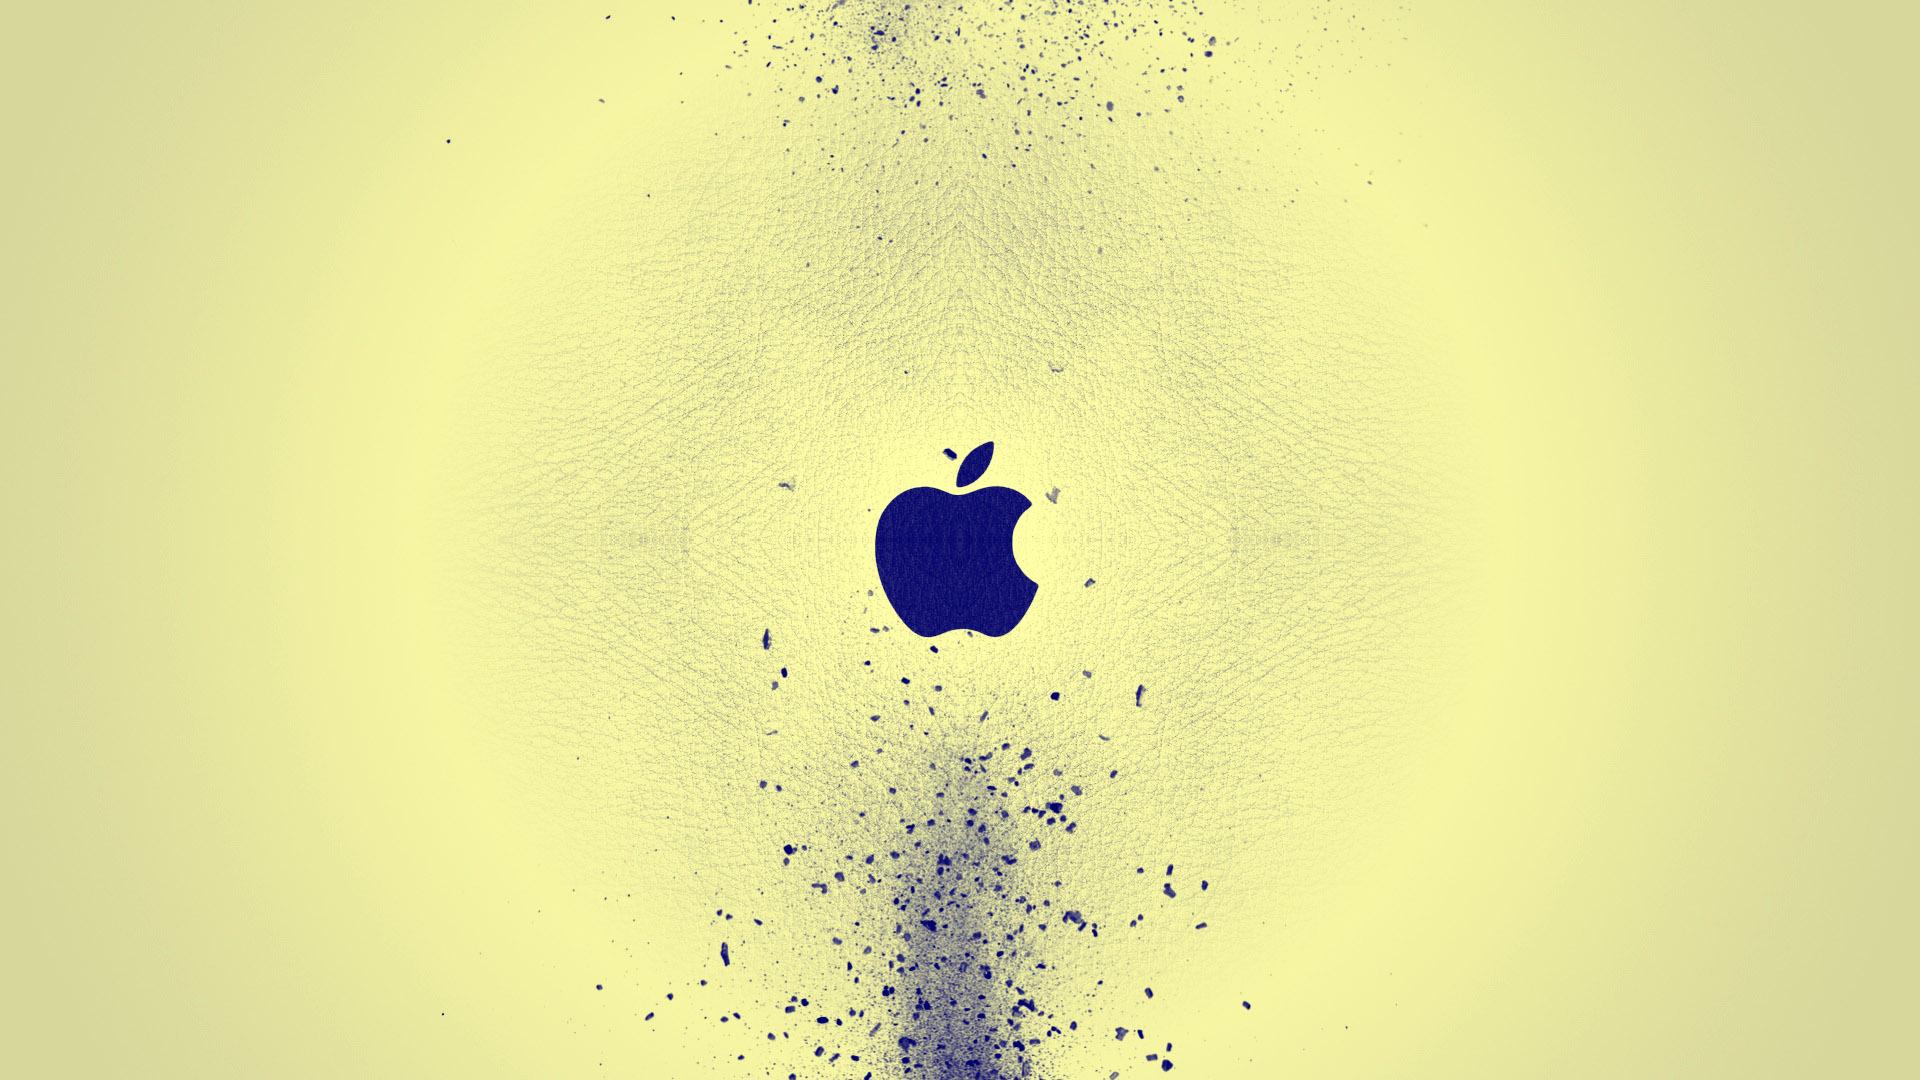 Fantastic Macbook Pro Wallpaper